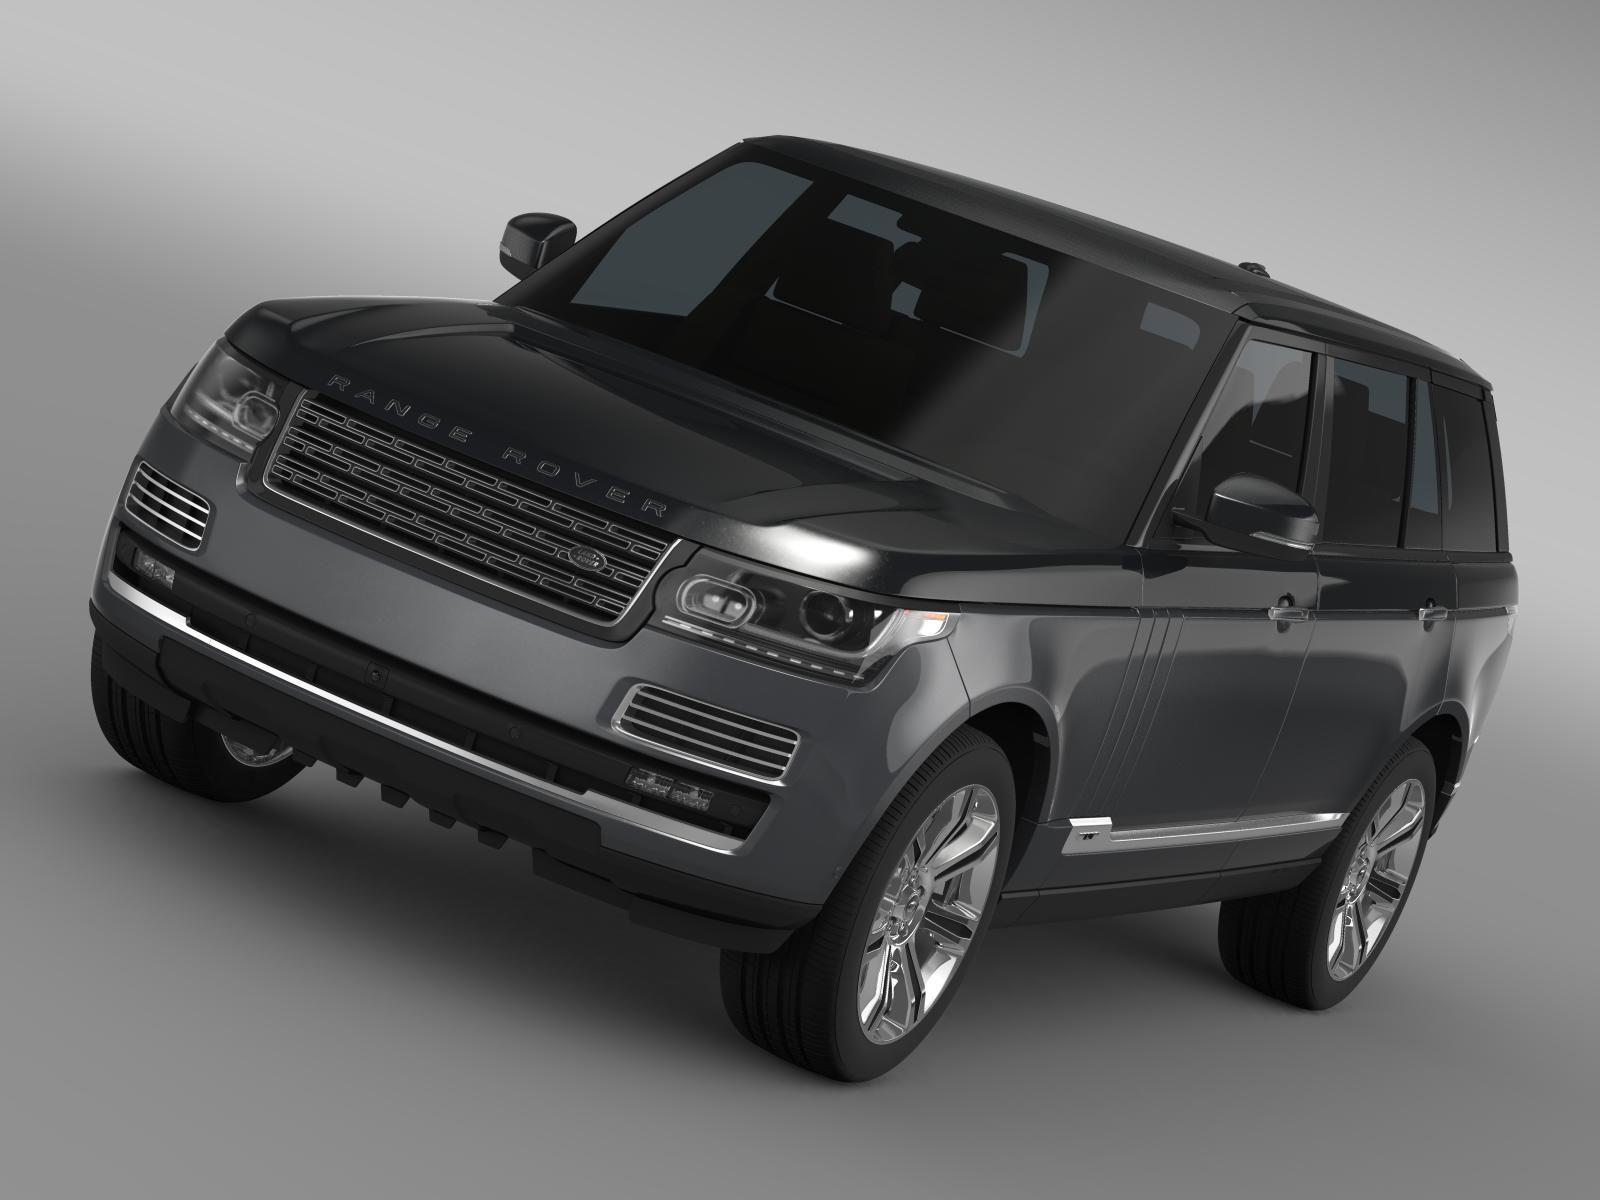 Range Rover SVAutobiography L405 2016 3D Model Let me